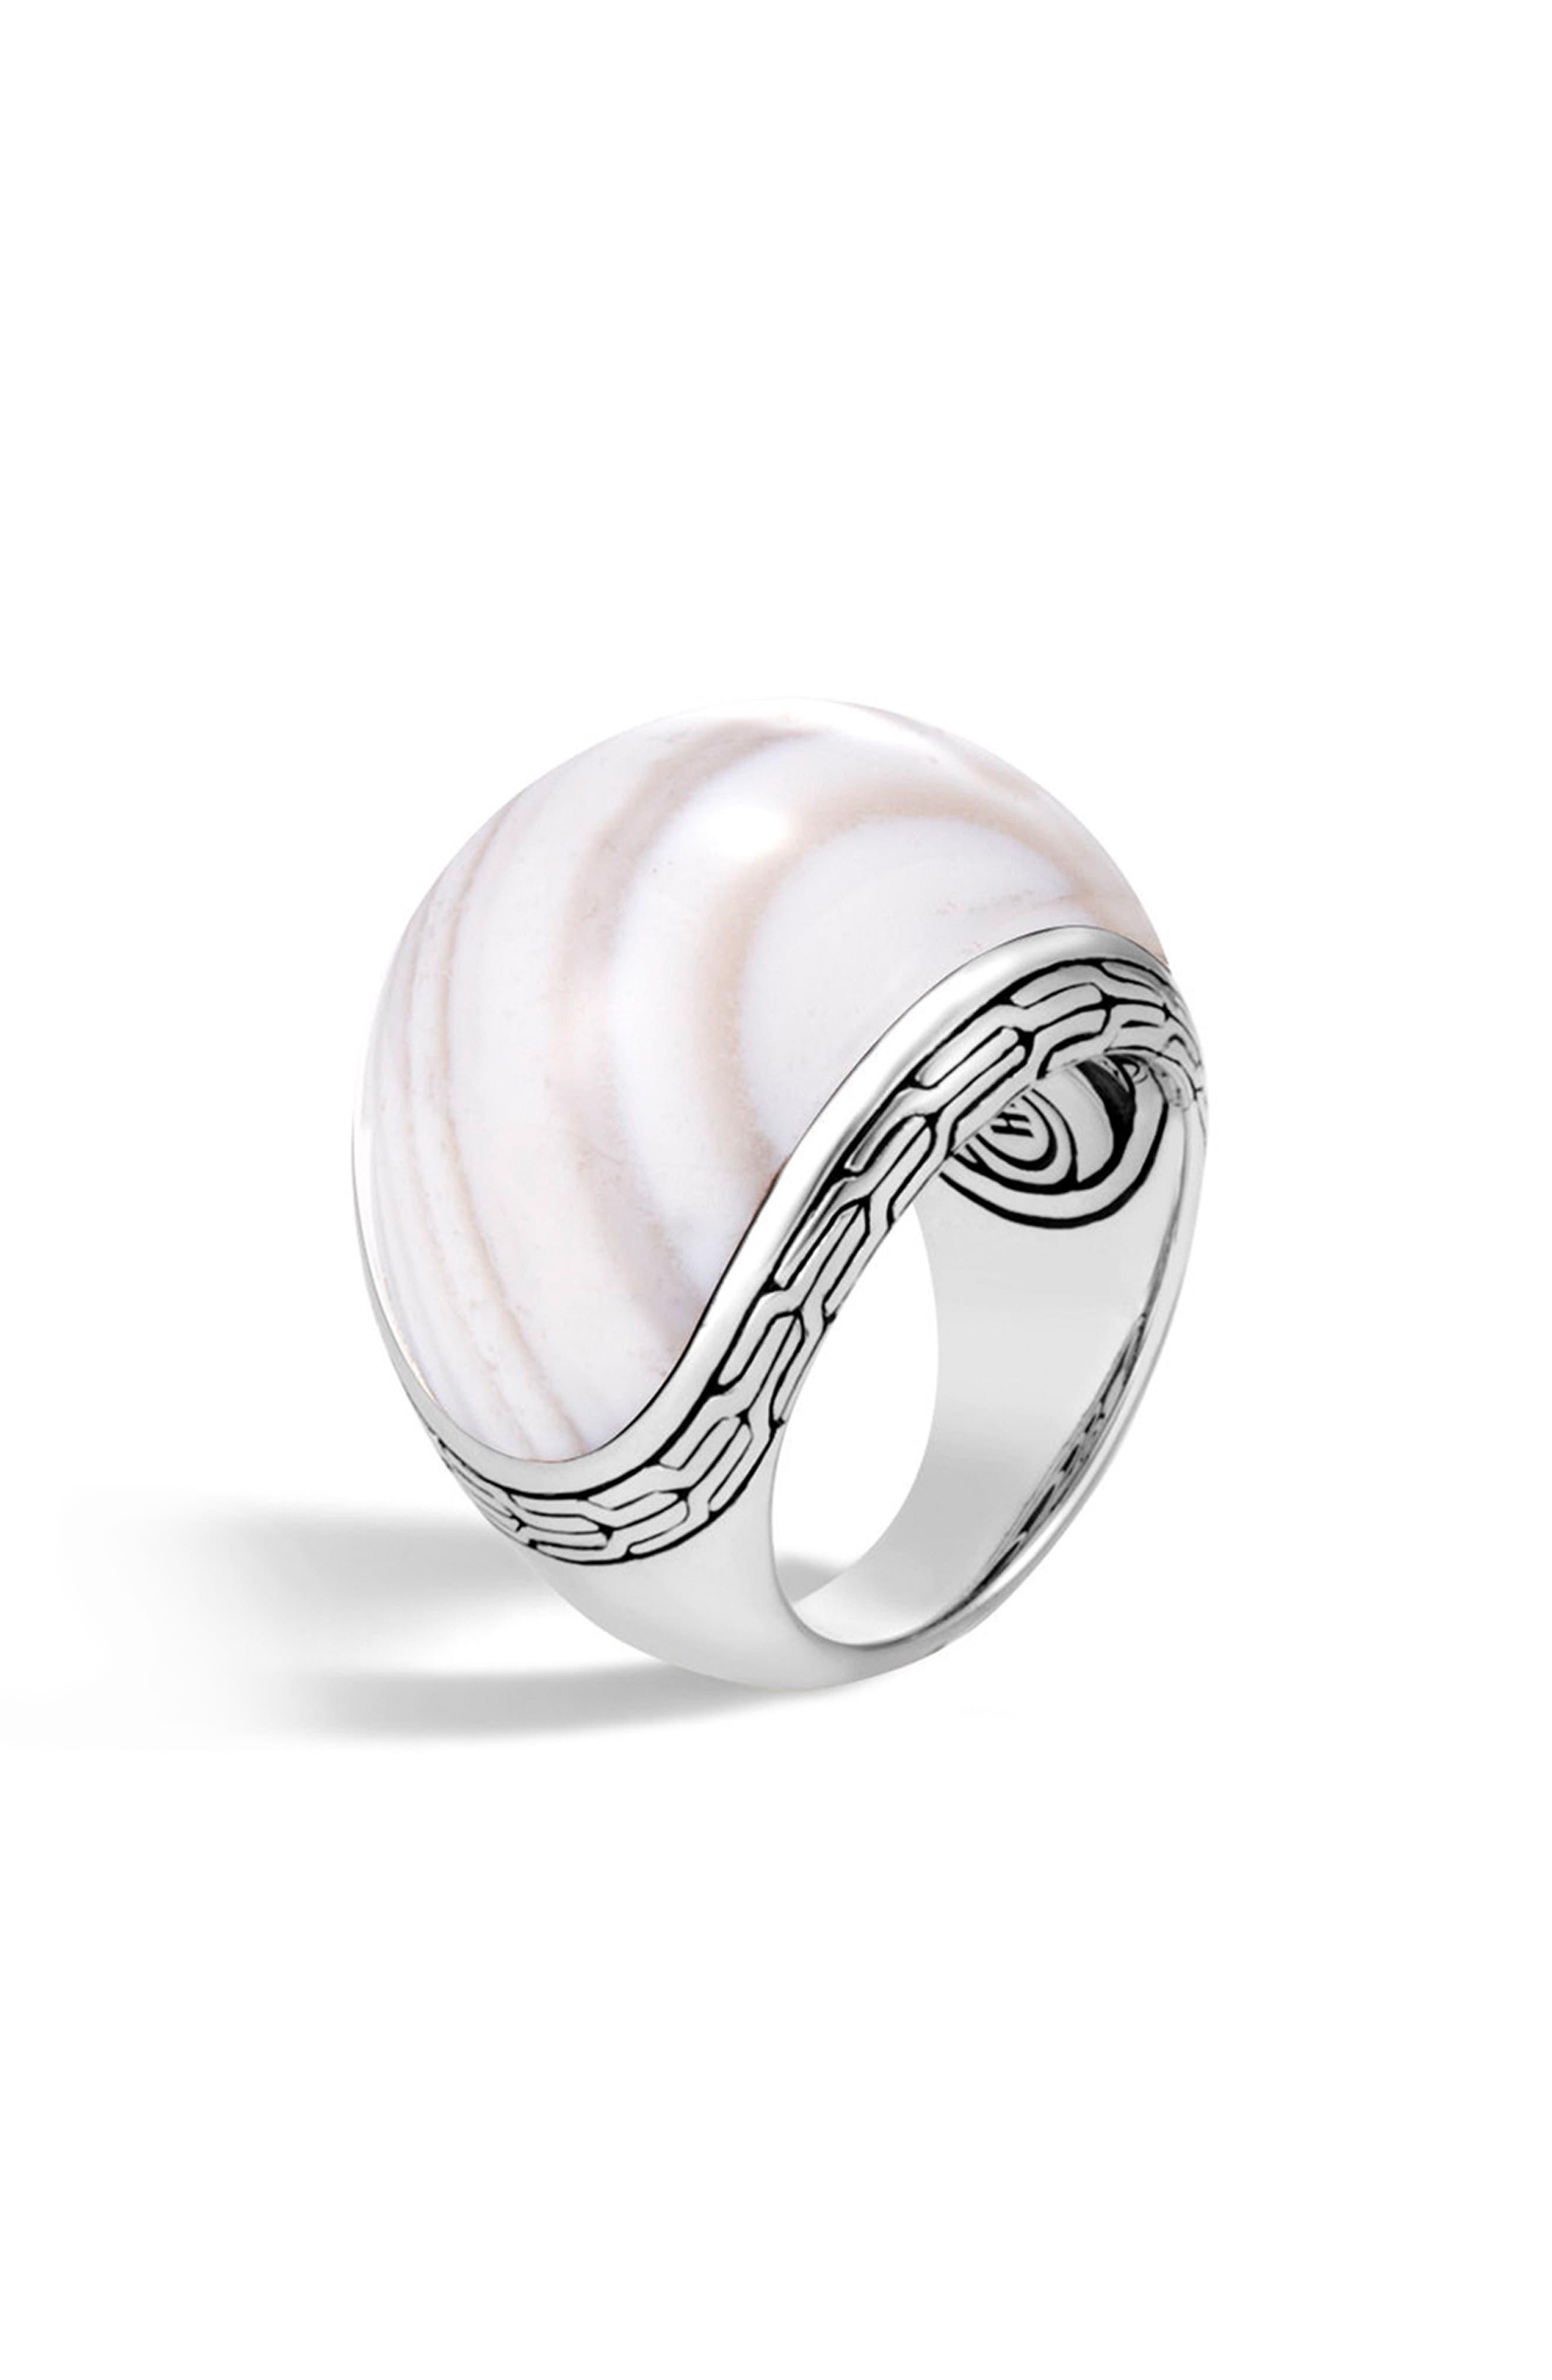 Classic Silver Chain Dome Ring,                         Main,                         color, SILVER/ WHITE AGATE